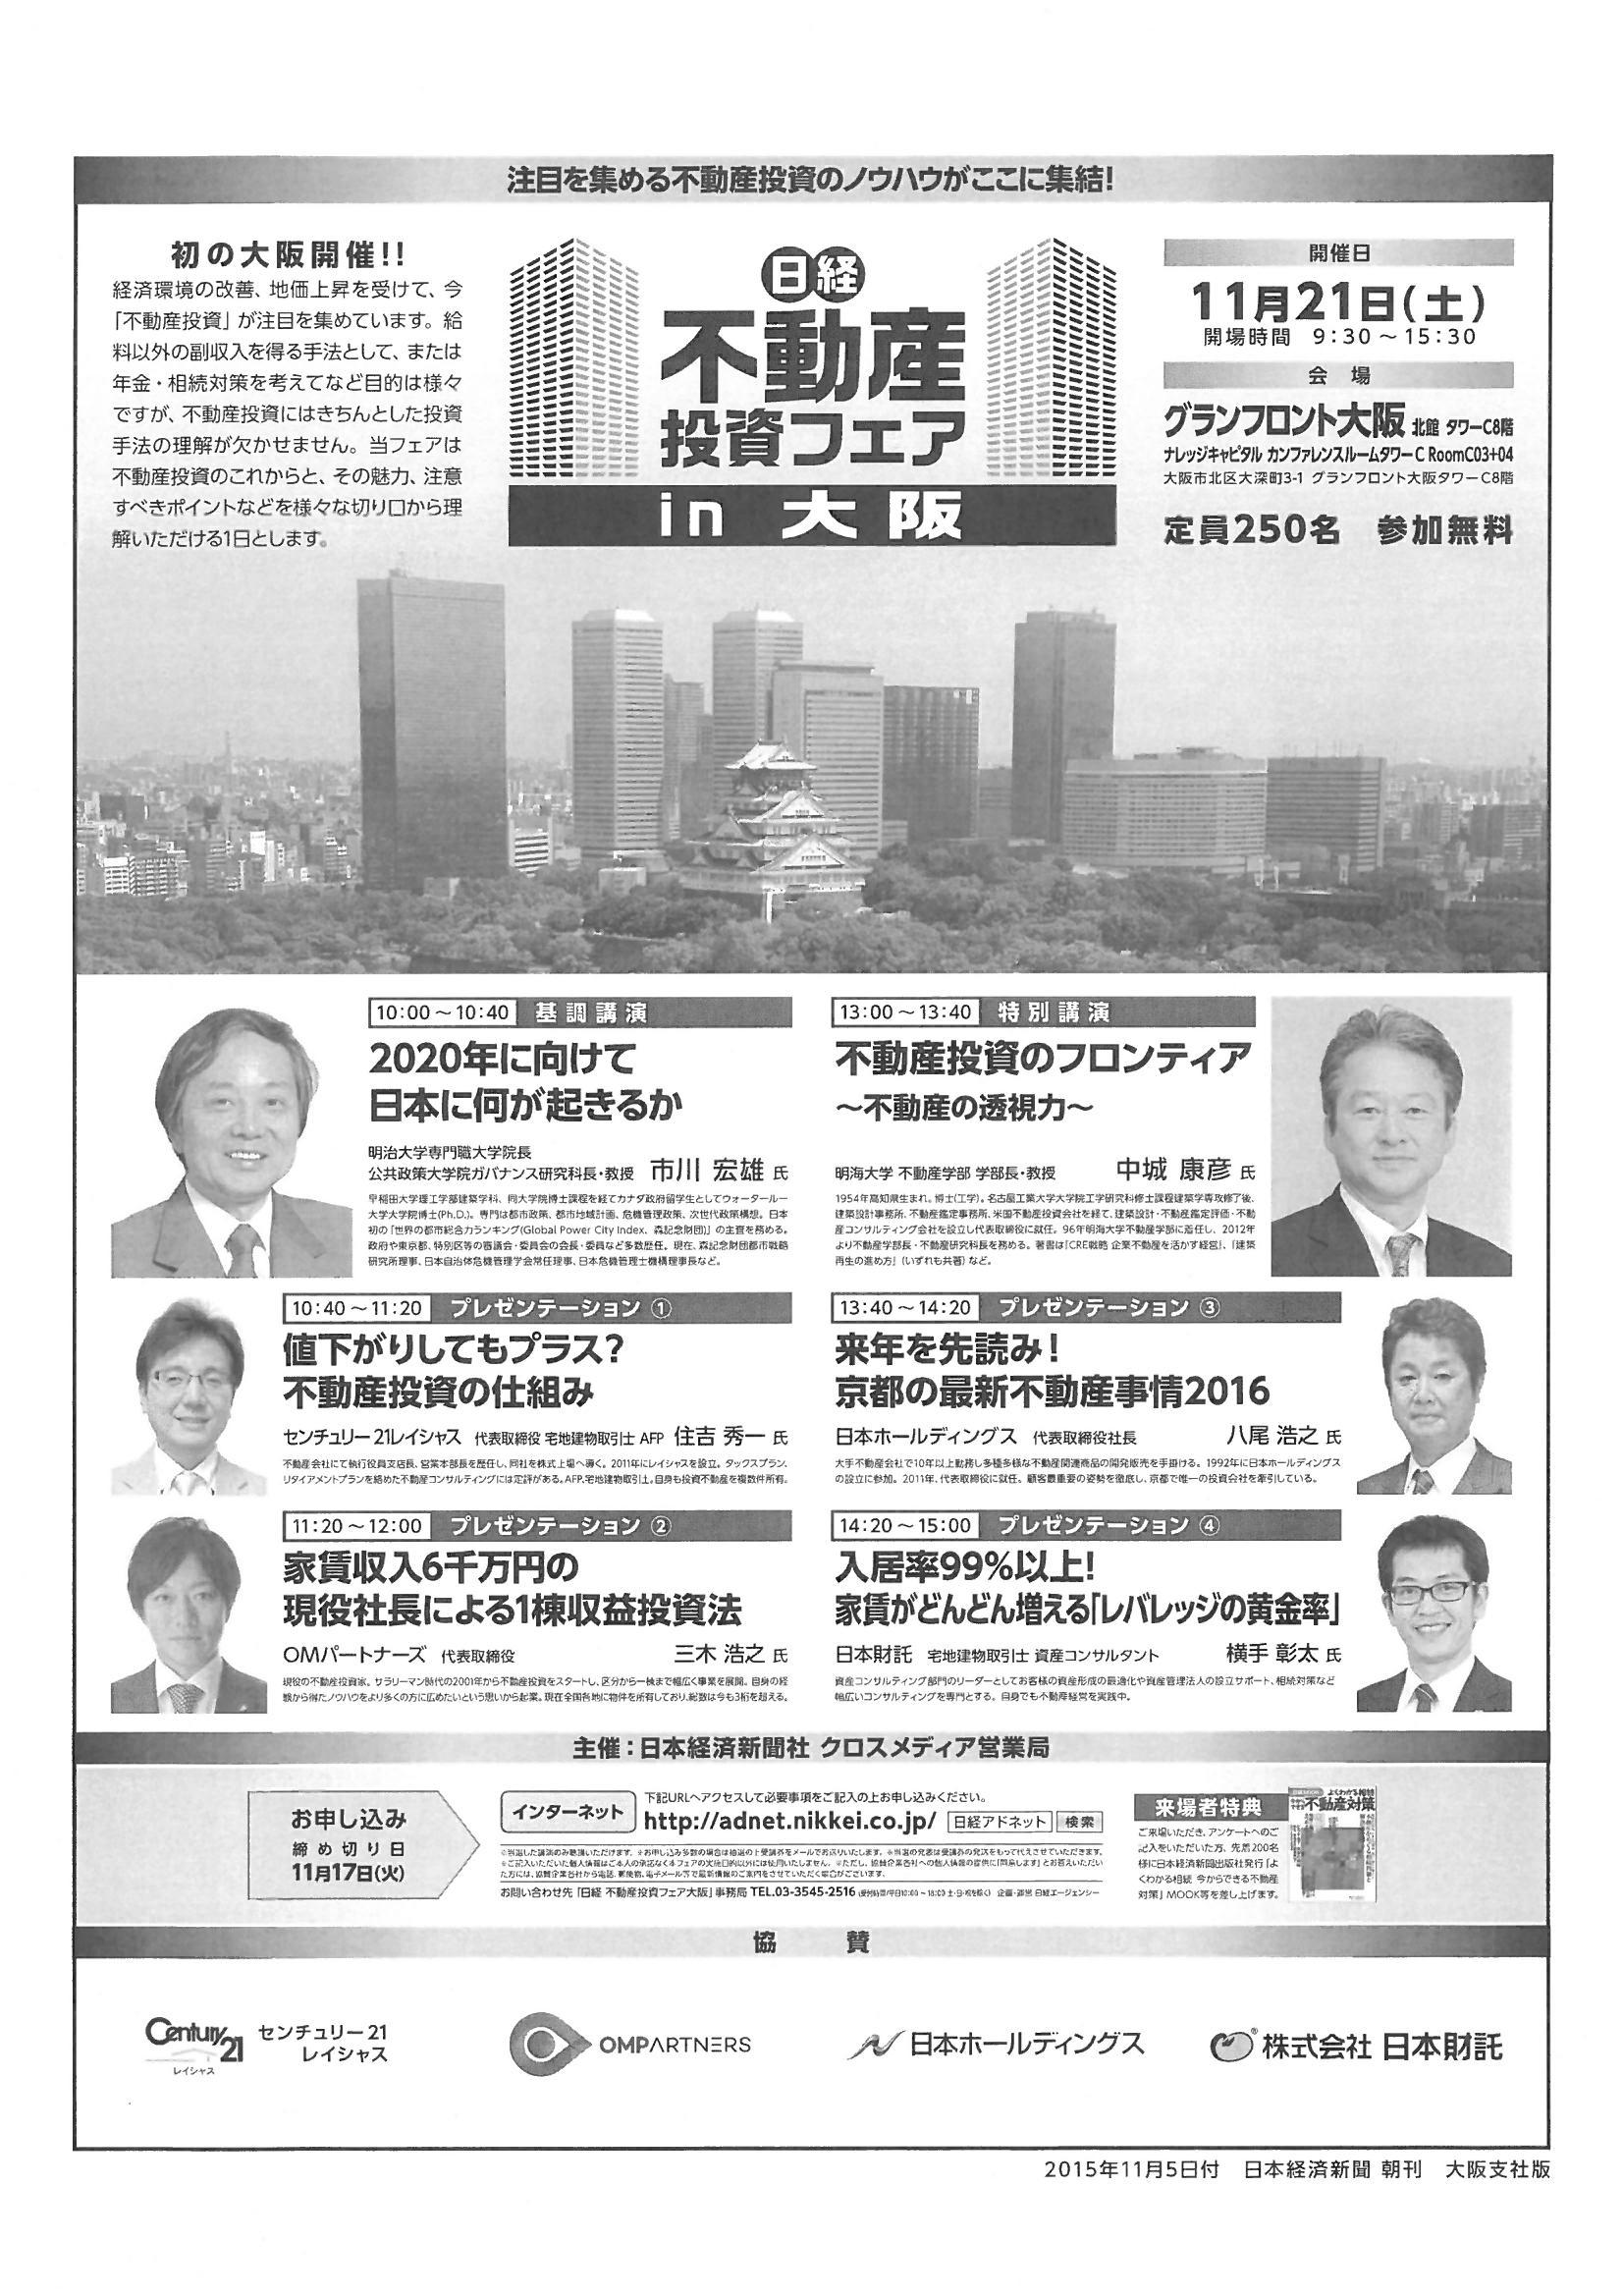 日経不動産投資フェアin大阪のお知らせ